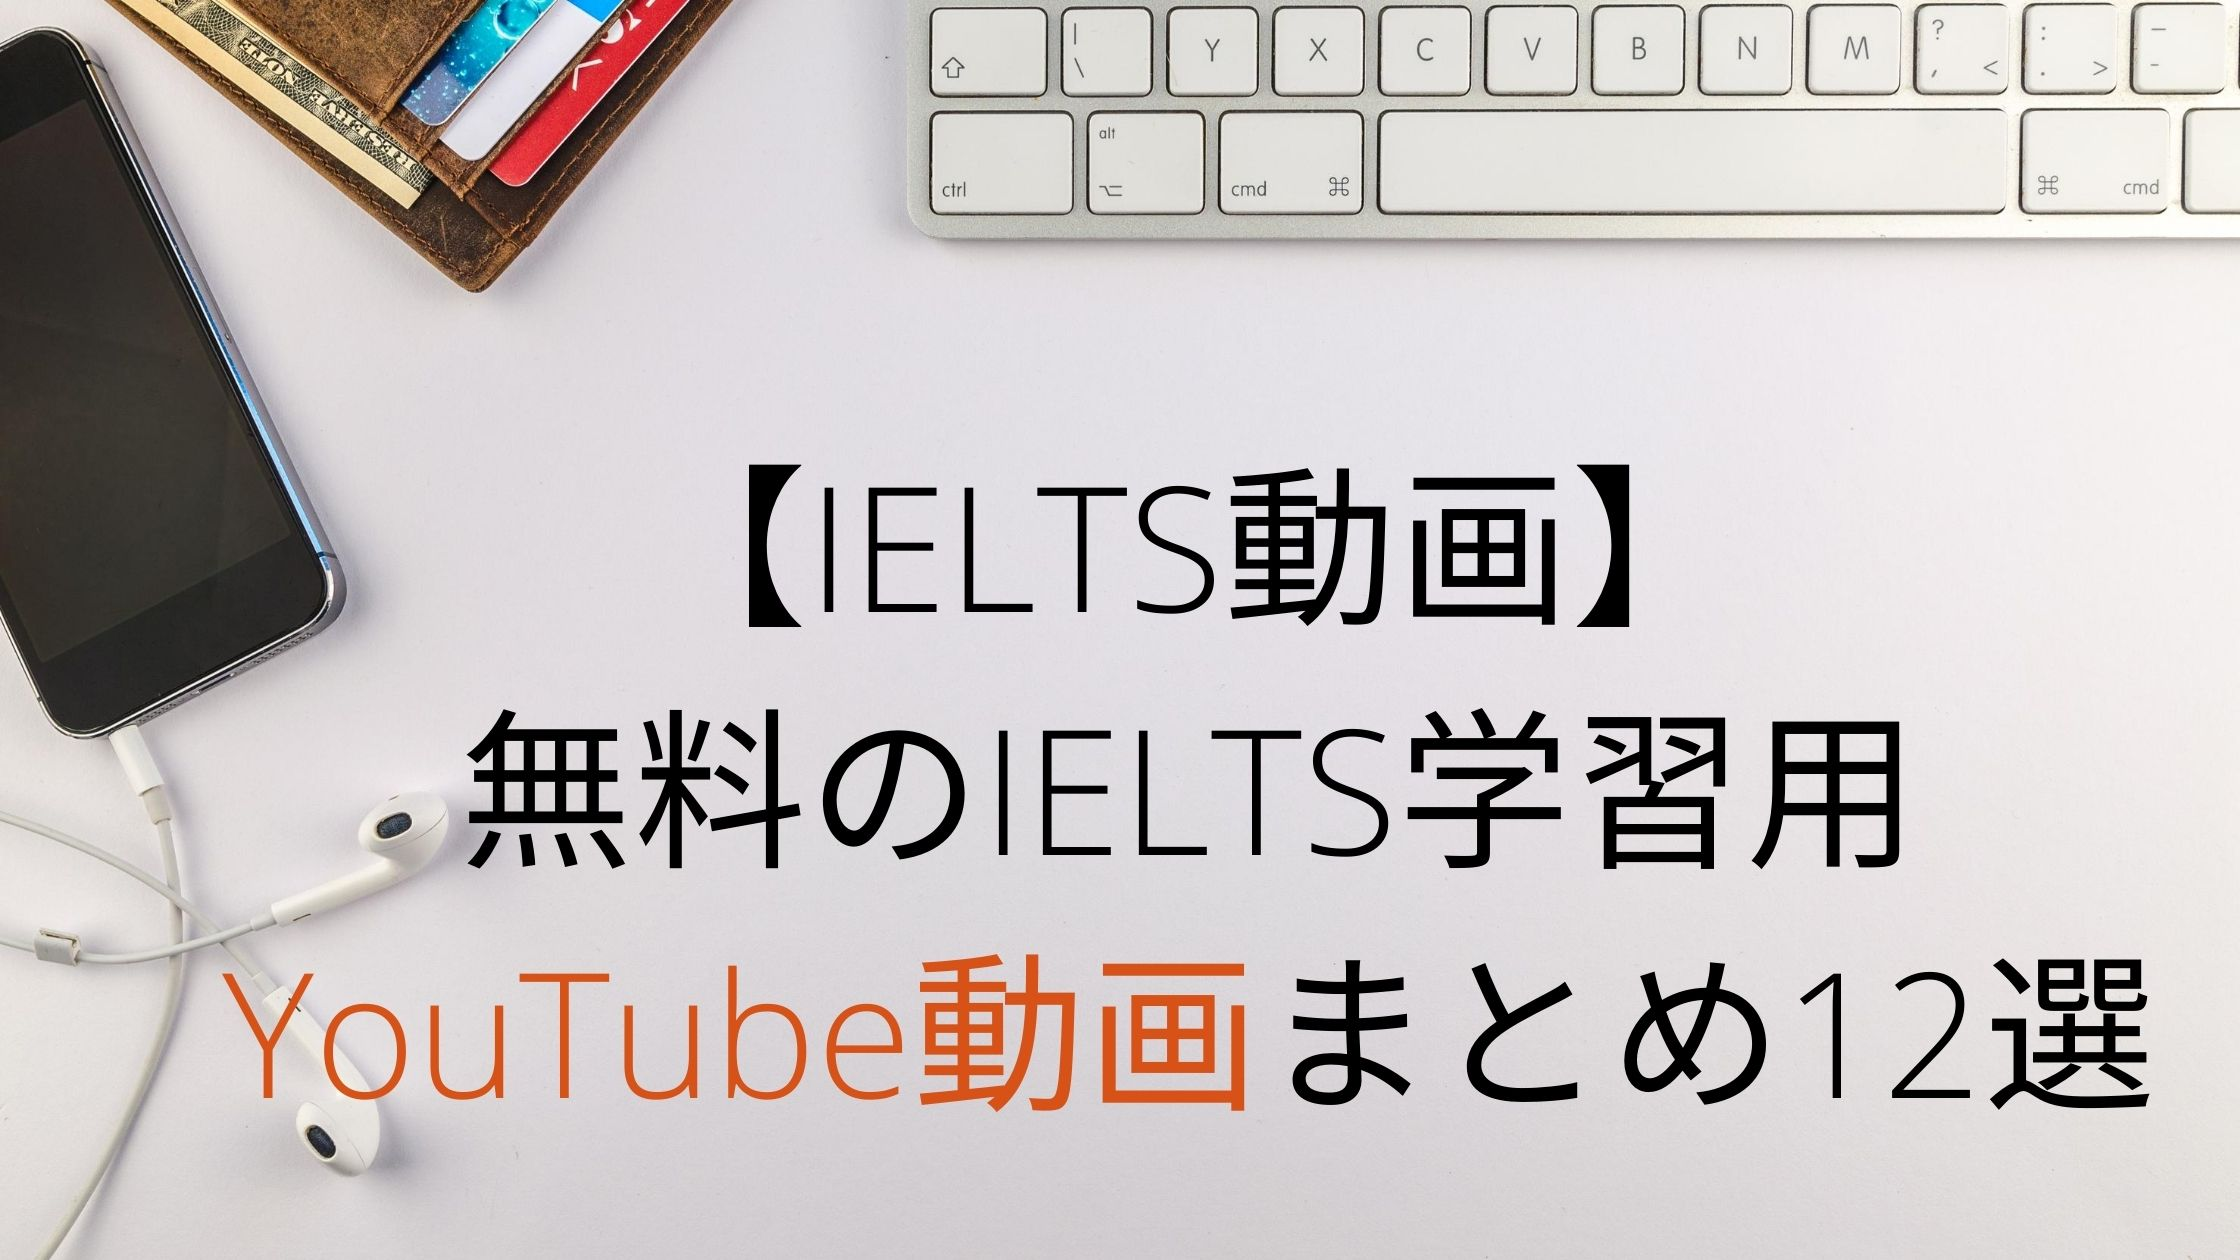 Youtube IELTS